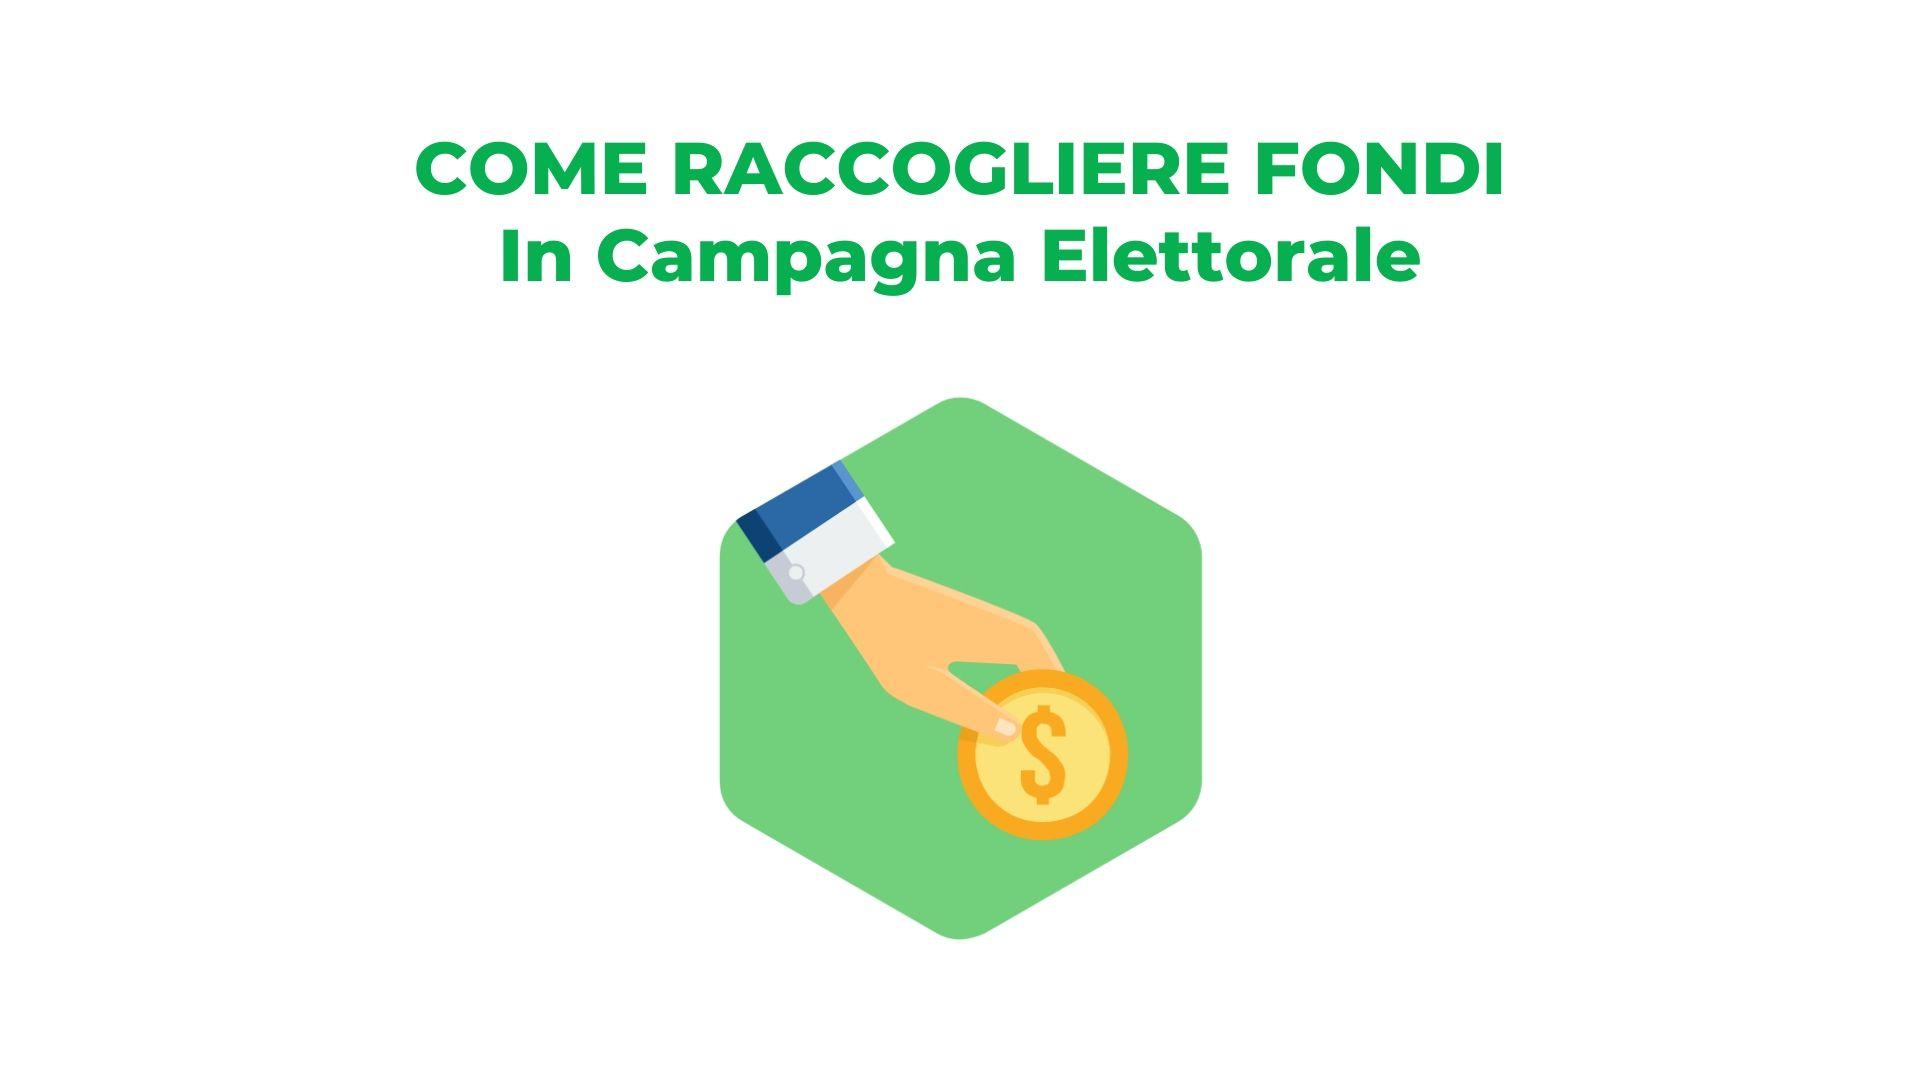 finanziamento elettorale